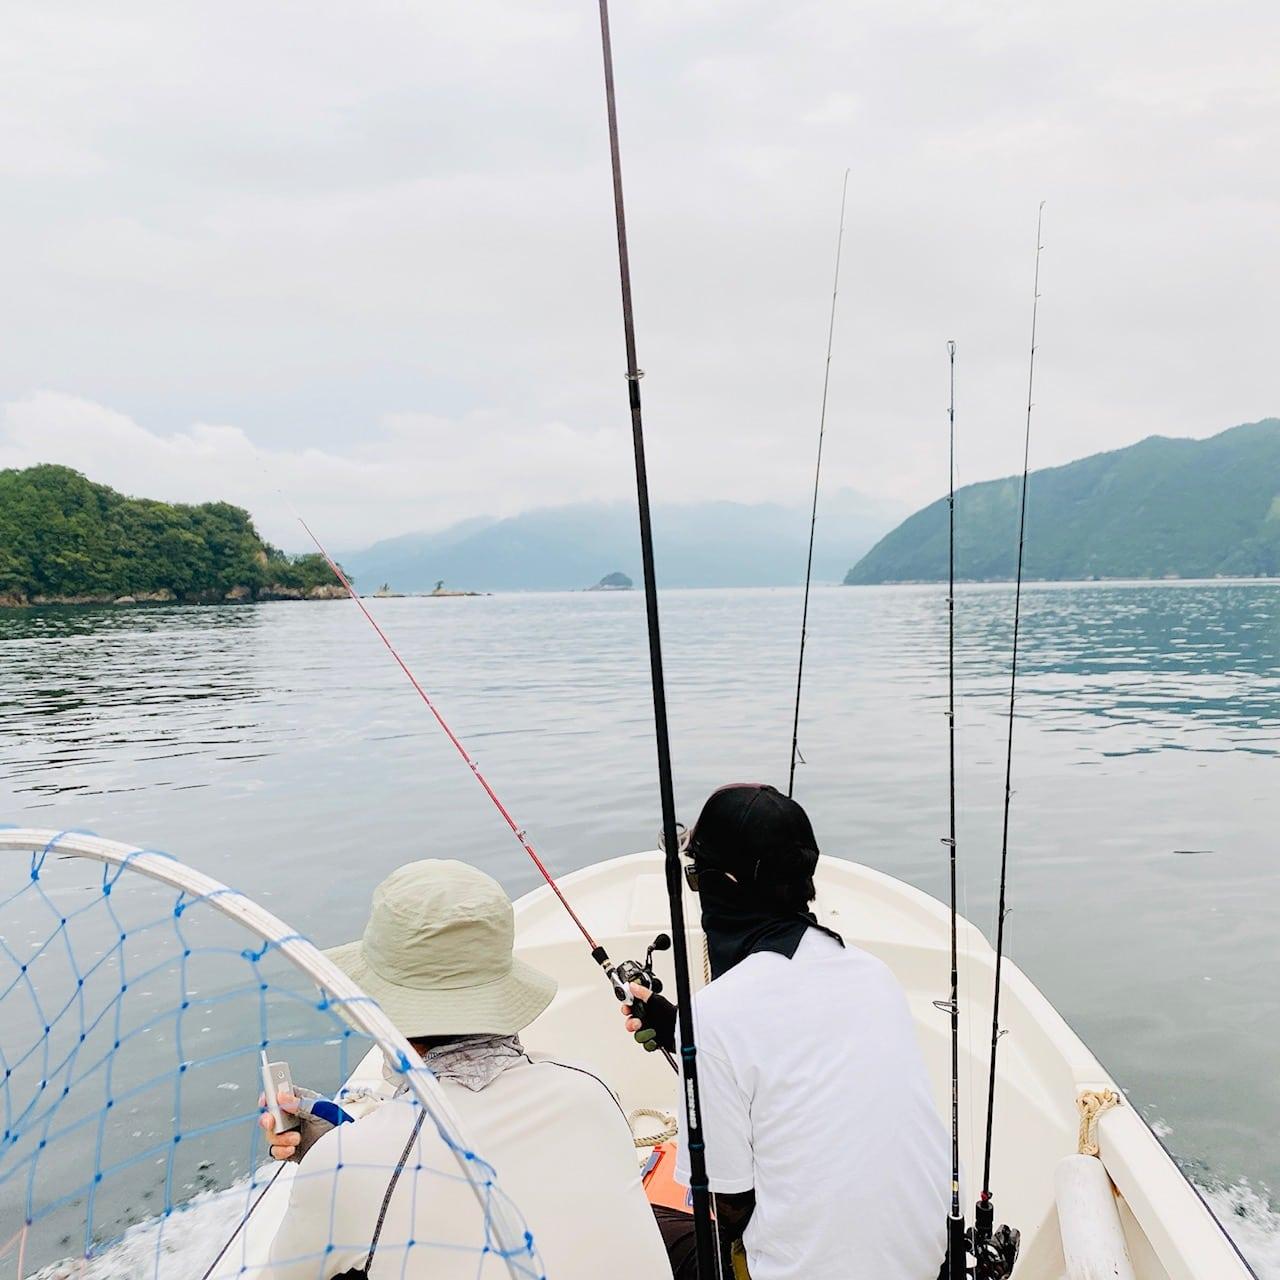 尾鷲湾ボートルアーフィッシングで50cmマダイ【三重・エヌテックマリン】